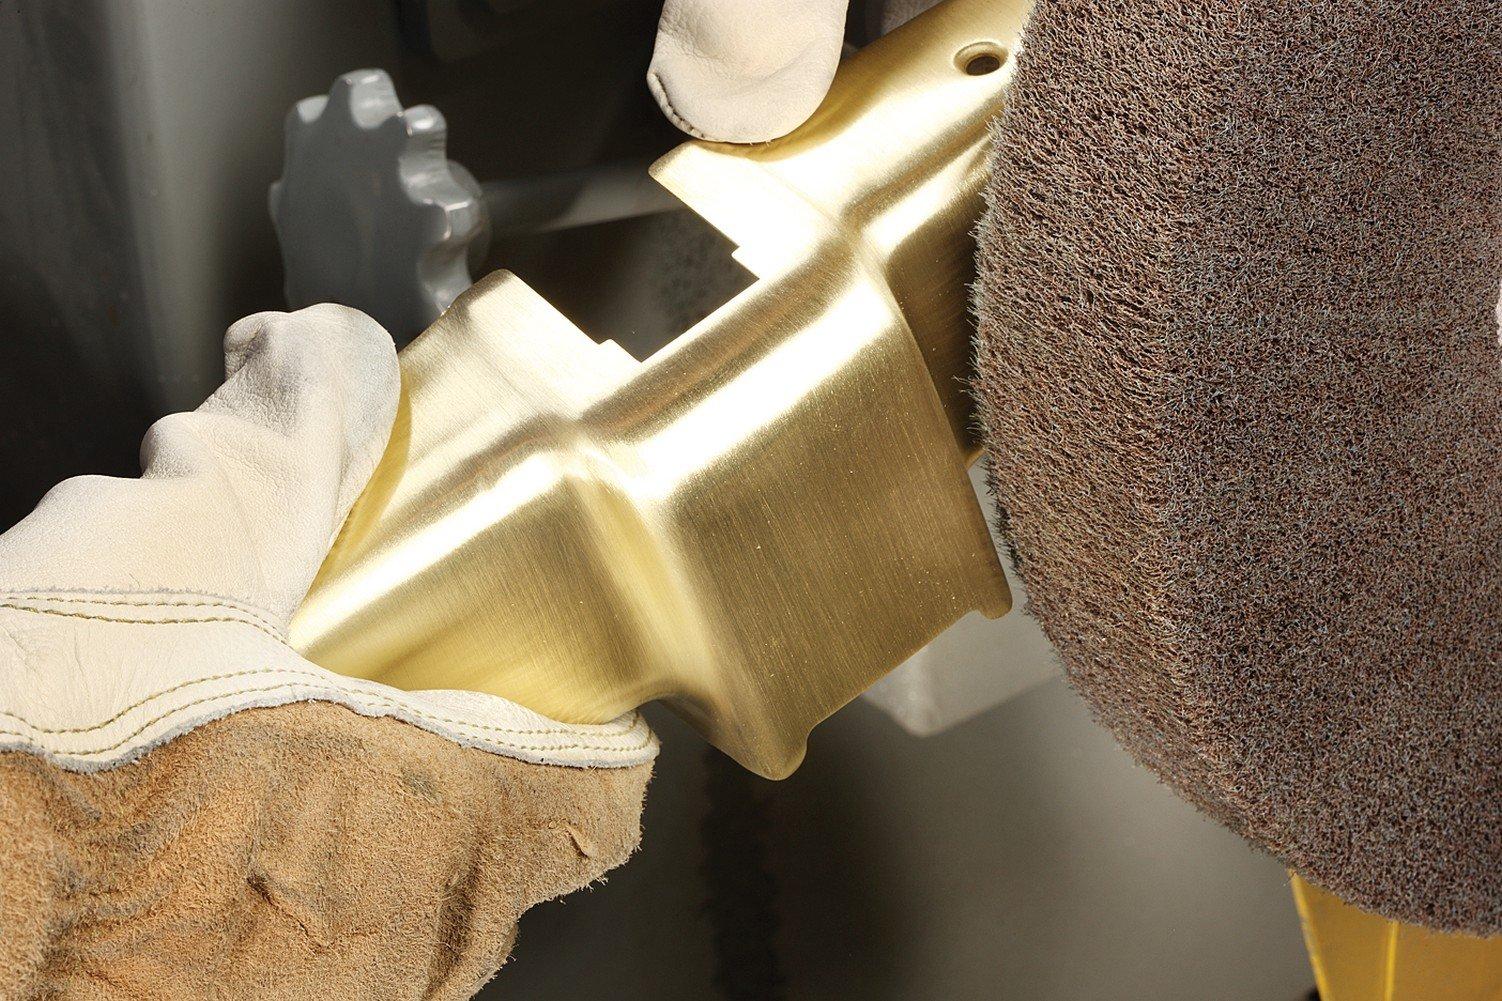 Scotch-Brite 27802 Cut and Polish Flap Brush, 8'' Diameter, Abrasive Grit, 4000 rpm, 8'' x 5'' x 3'' 7A MED